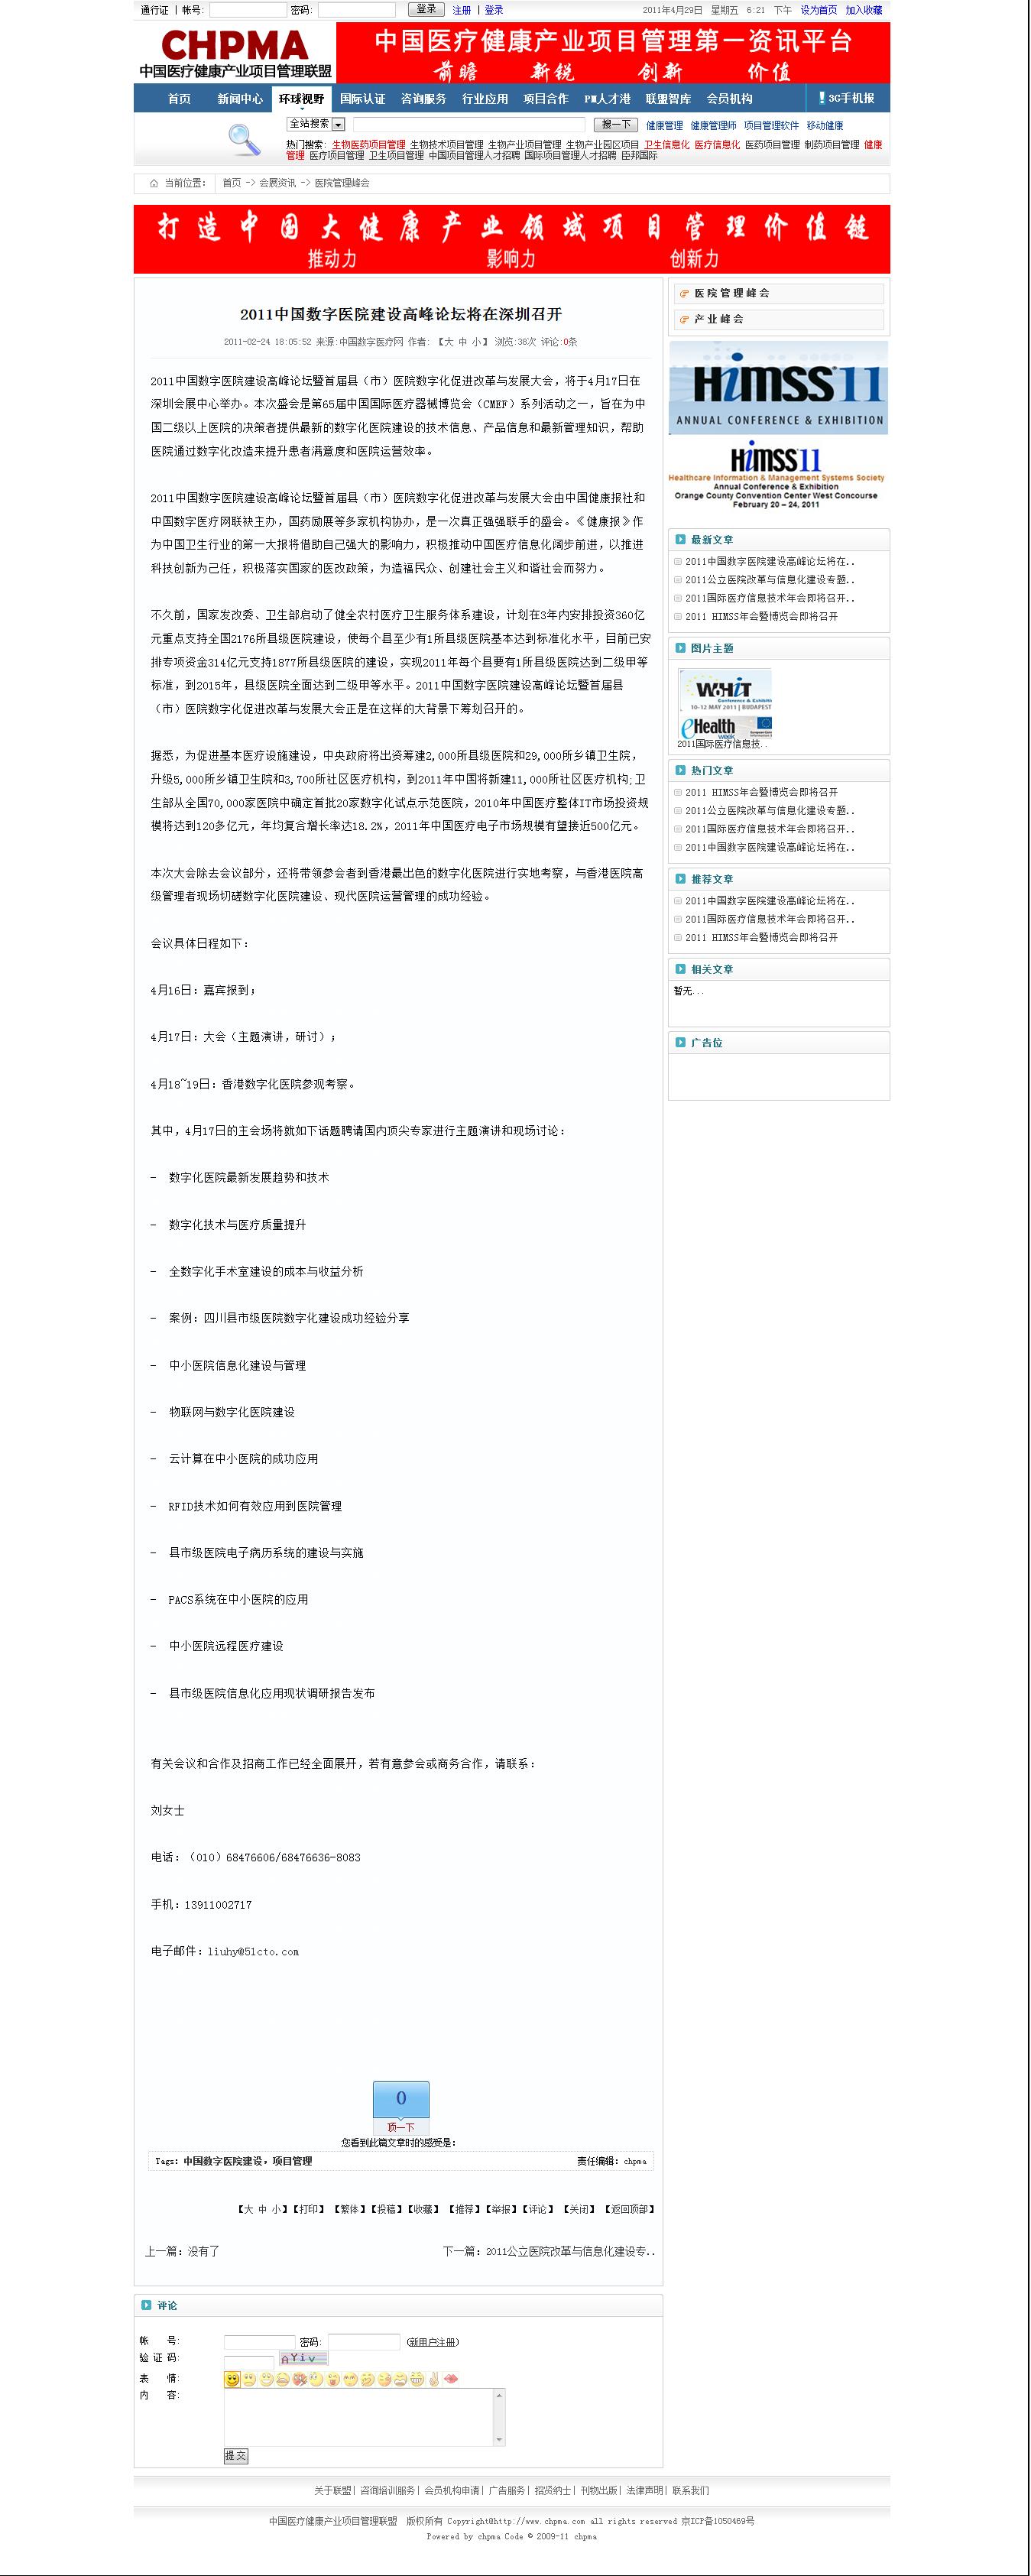 中国医疗健康产业项目管理联盟: